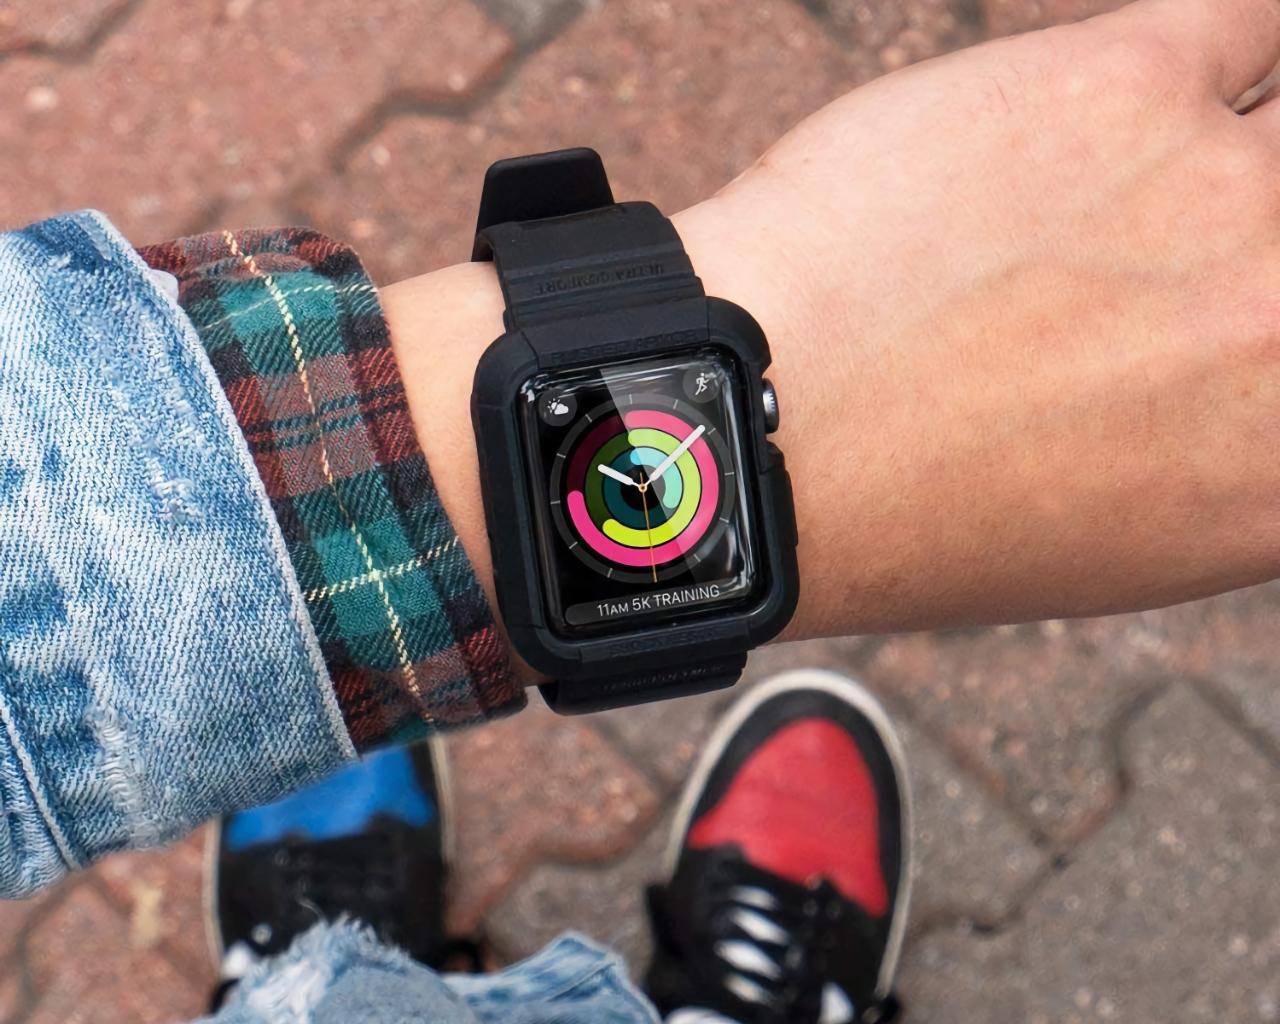 Экстремалы оценят: Apple работает над защищёнными смарт-часами Apple Watch